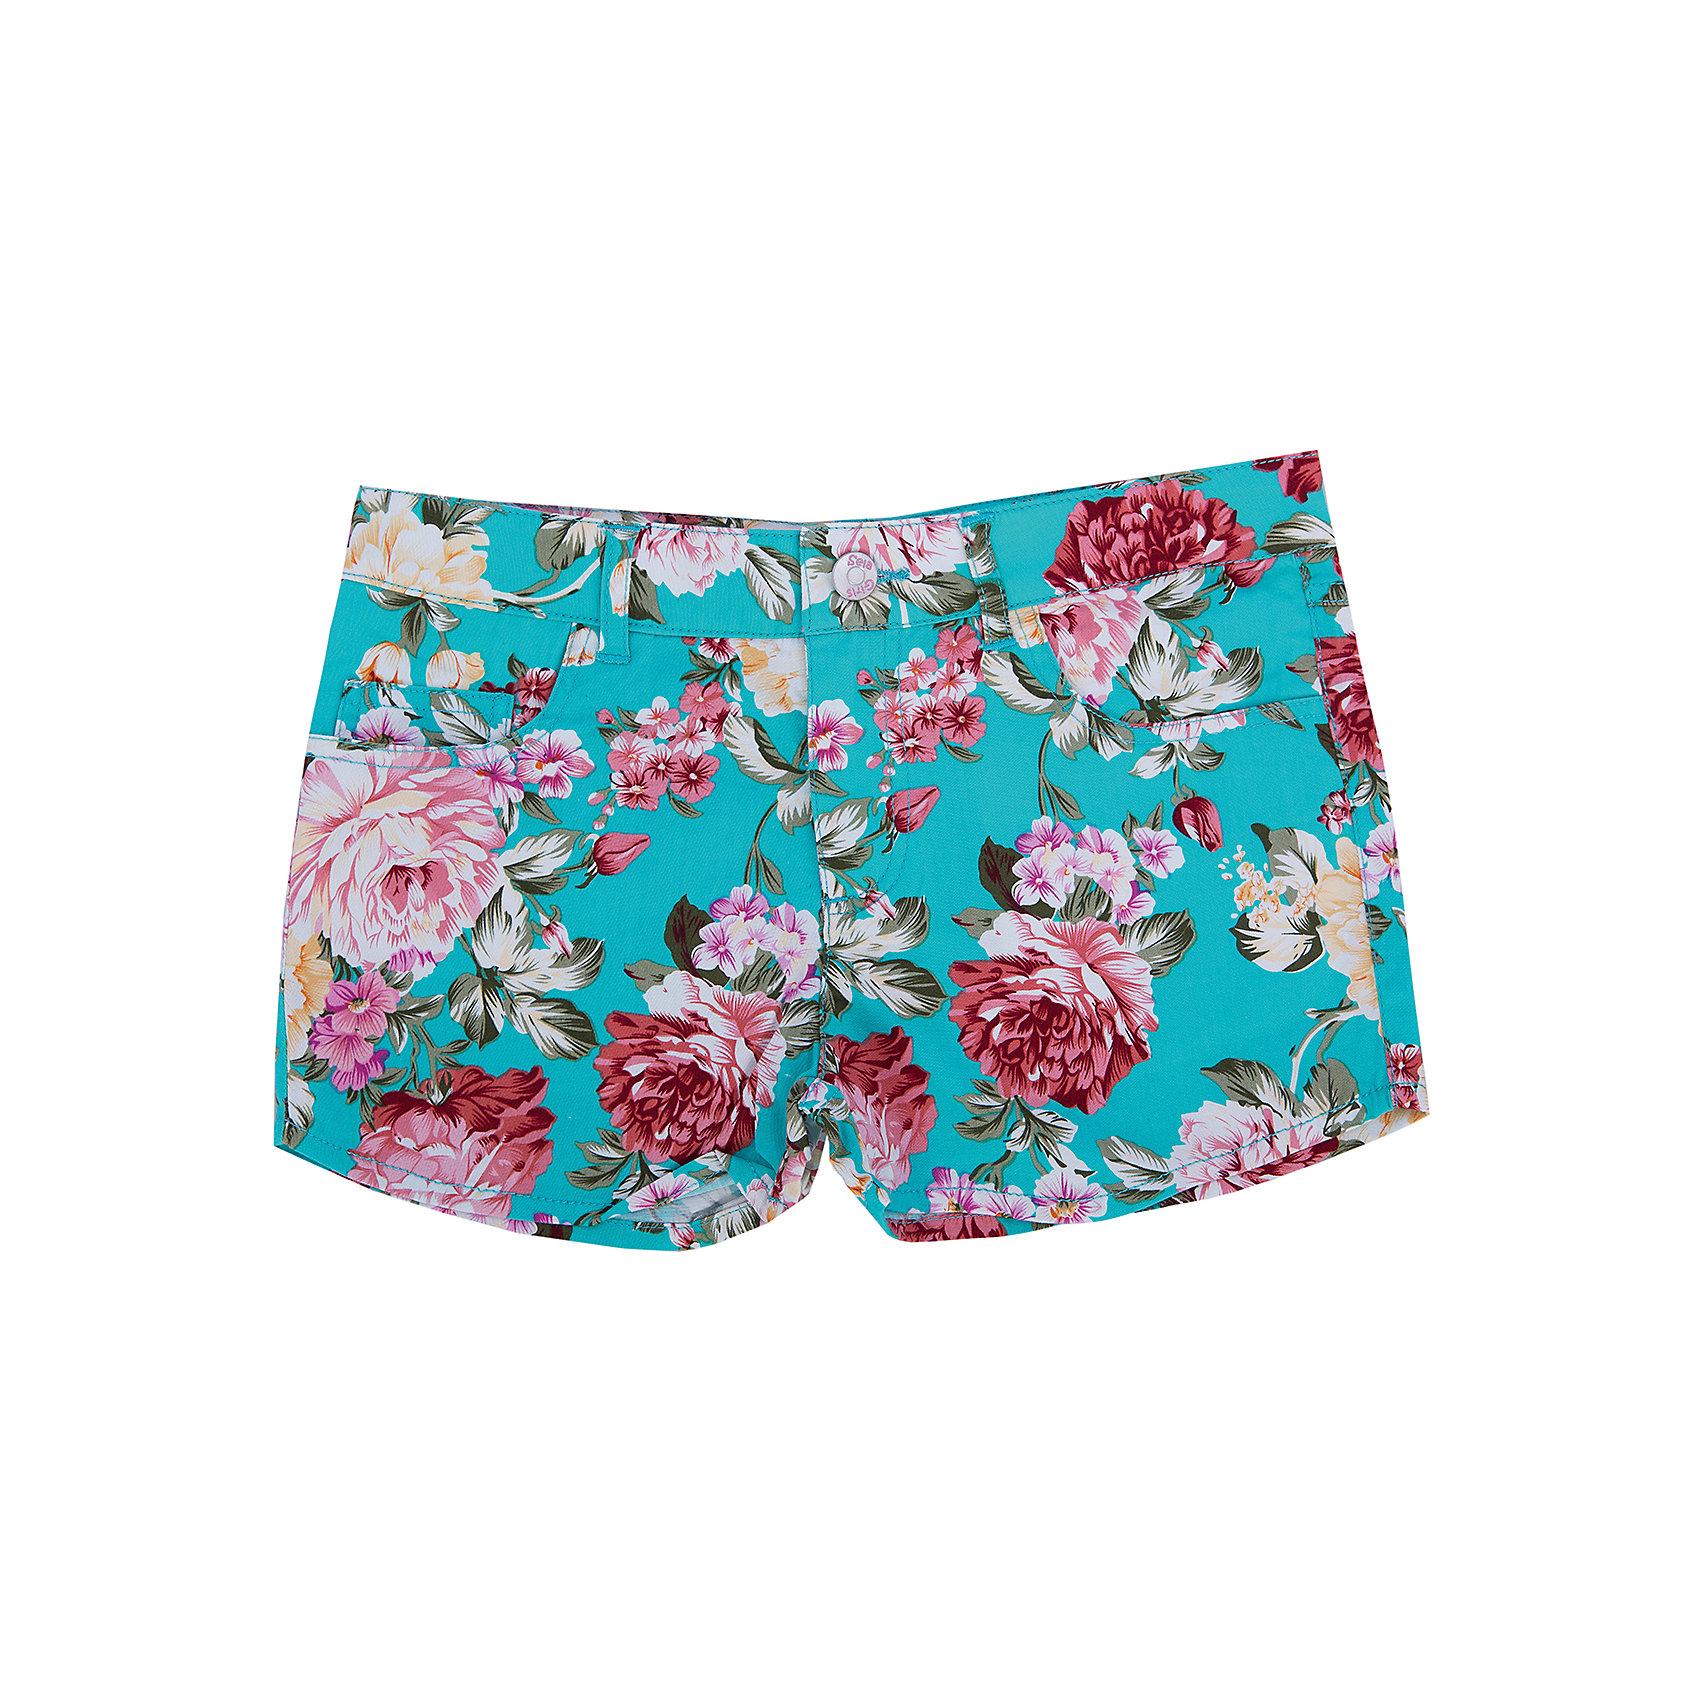 Шорты для девочки SELAШорты, бриджи, капри<br>Потрясающие шорты для девочки от популярного бренда SELA. Изделие выполнено из плотного материала высокого качества, хорошо держащего форму и приятного к телу, и обладает следующими особенностями:<br>- насыщенный цвет, актуальный цветочный принт;<br>- облегающий фасон;<br>- широкий пояс с удобной застежкой, шлевки для ремня;<br>- 5 карманов.<br>Прекрасный выбор для юной модницы!<br><br>Дополнительная информация:<br>- состав: 98% хлопок, 2% эластан<br><br>Шорты для девочки SELA можно купить в нашем магазине<br><br>Ширина мм: 191<br>Глубина мм: 10<br>Высота мм: 175<br>Вес г: 273<br>Цвет: голубой<br>Возраст от месяцев: 84<br>Возраст до месяцев: 96<br>Пол: Женский<br>Возраст: Детский<br>Размер: 128,140,146,152,134,116,122<br>SKU: 4741831